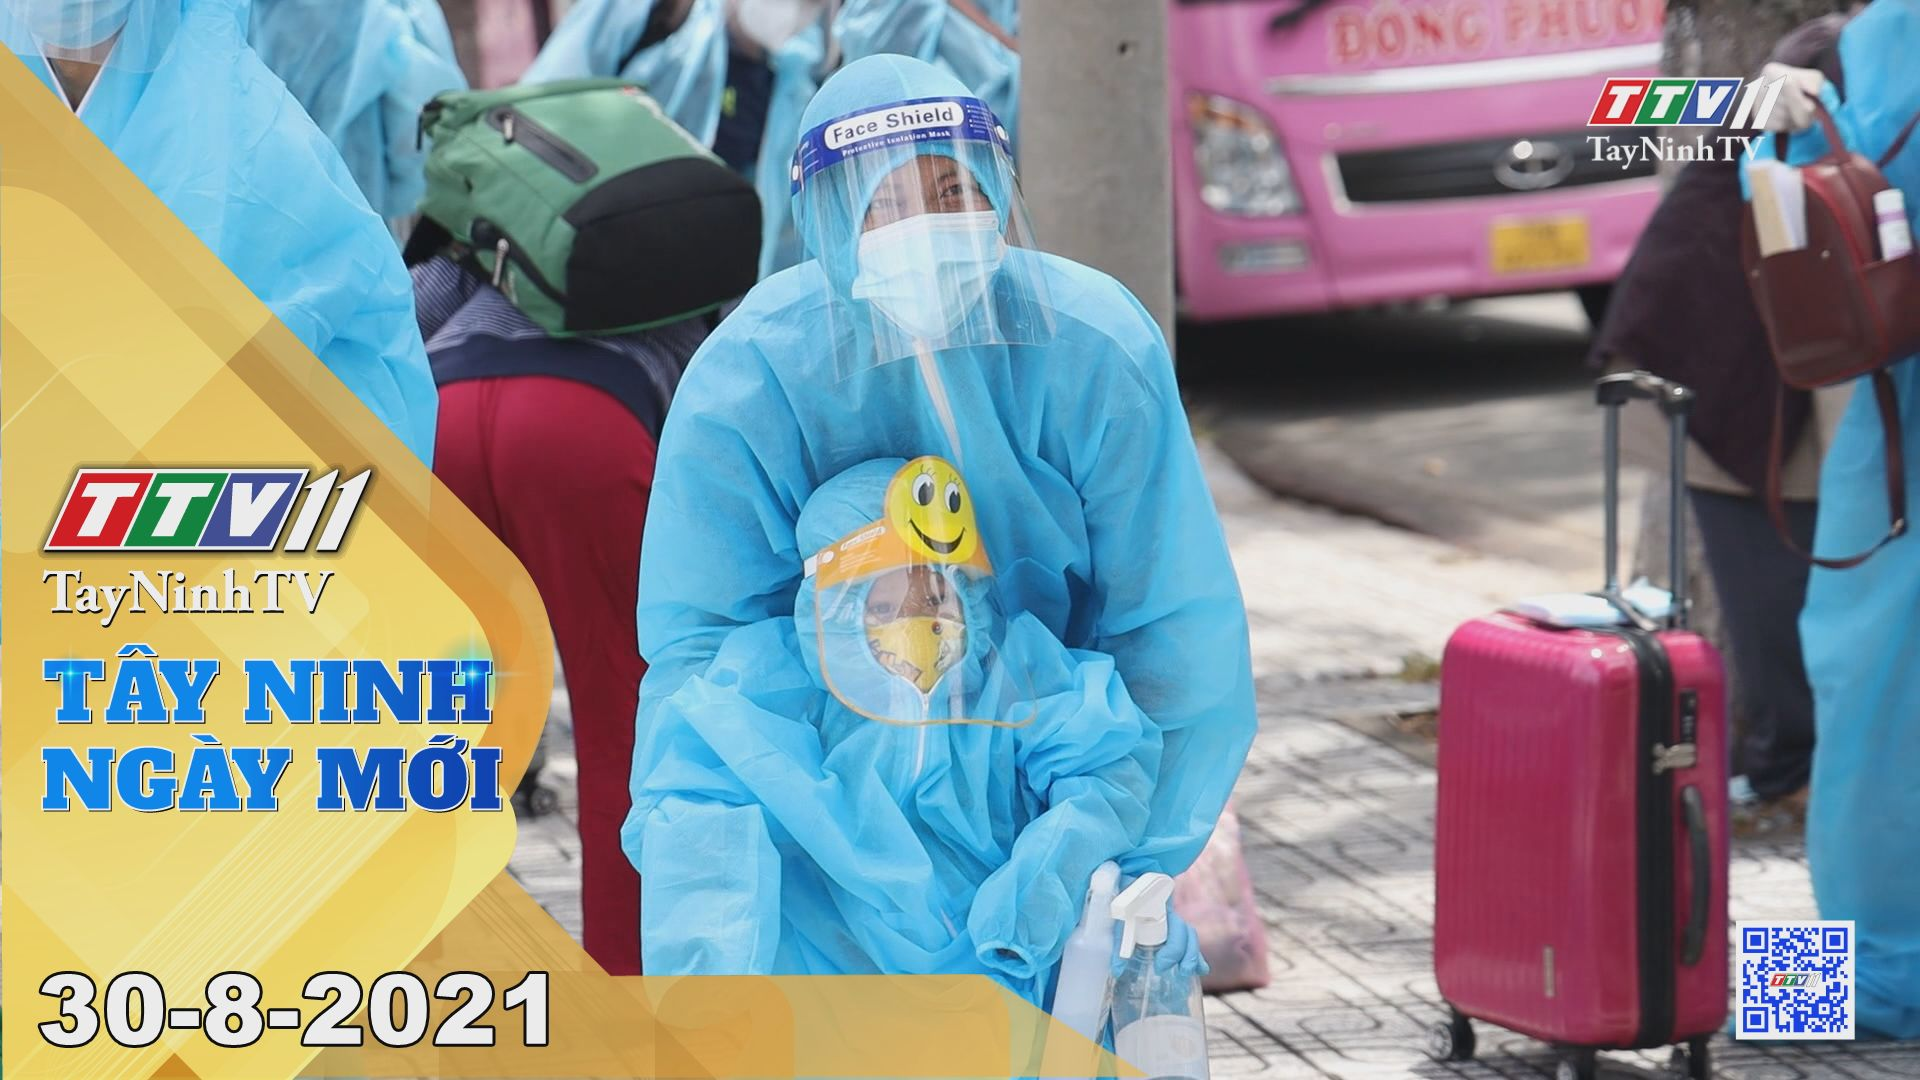 Tây Ninh Ngày Mới 30-8-2021 | Tin tức hôm nay | TayNinhTV